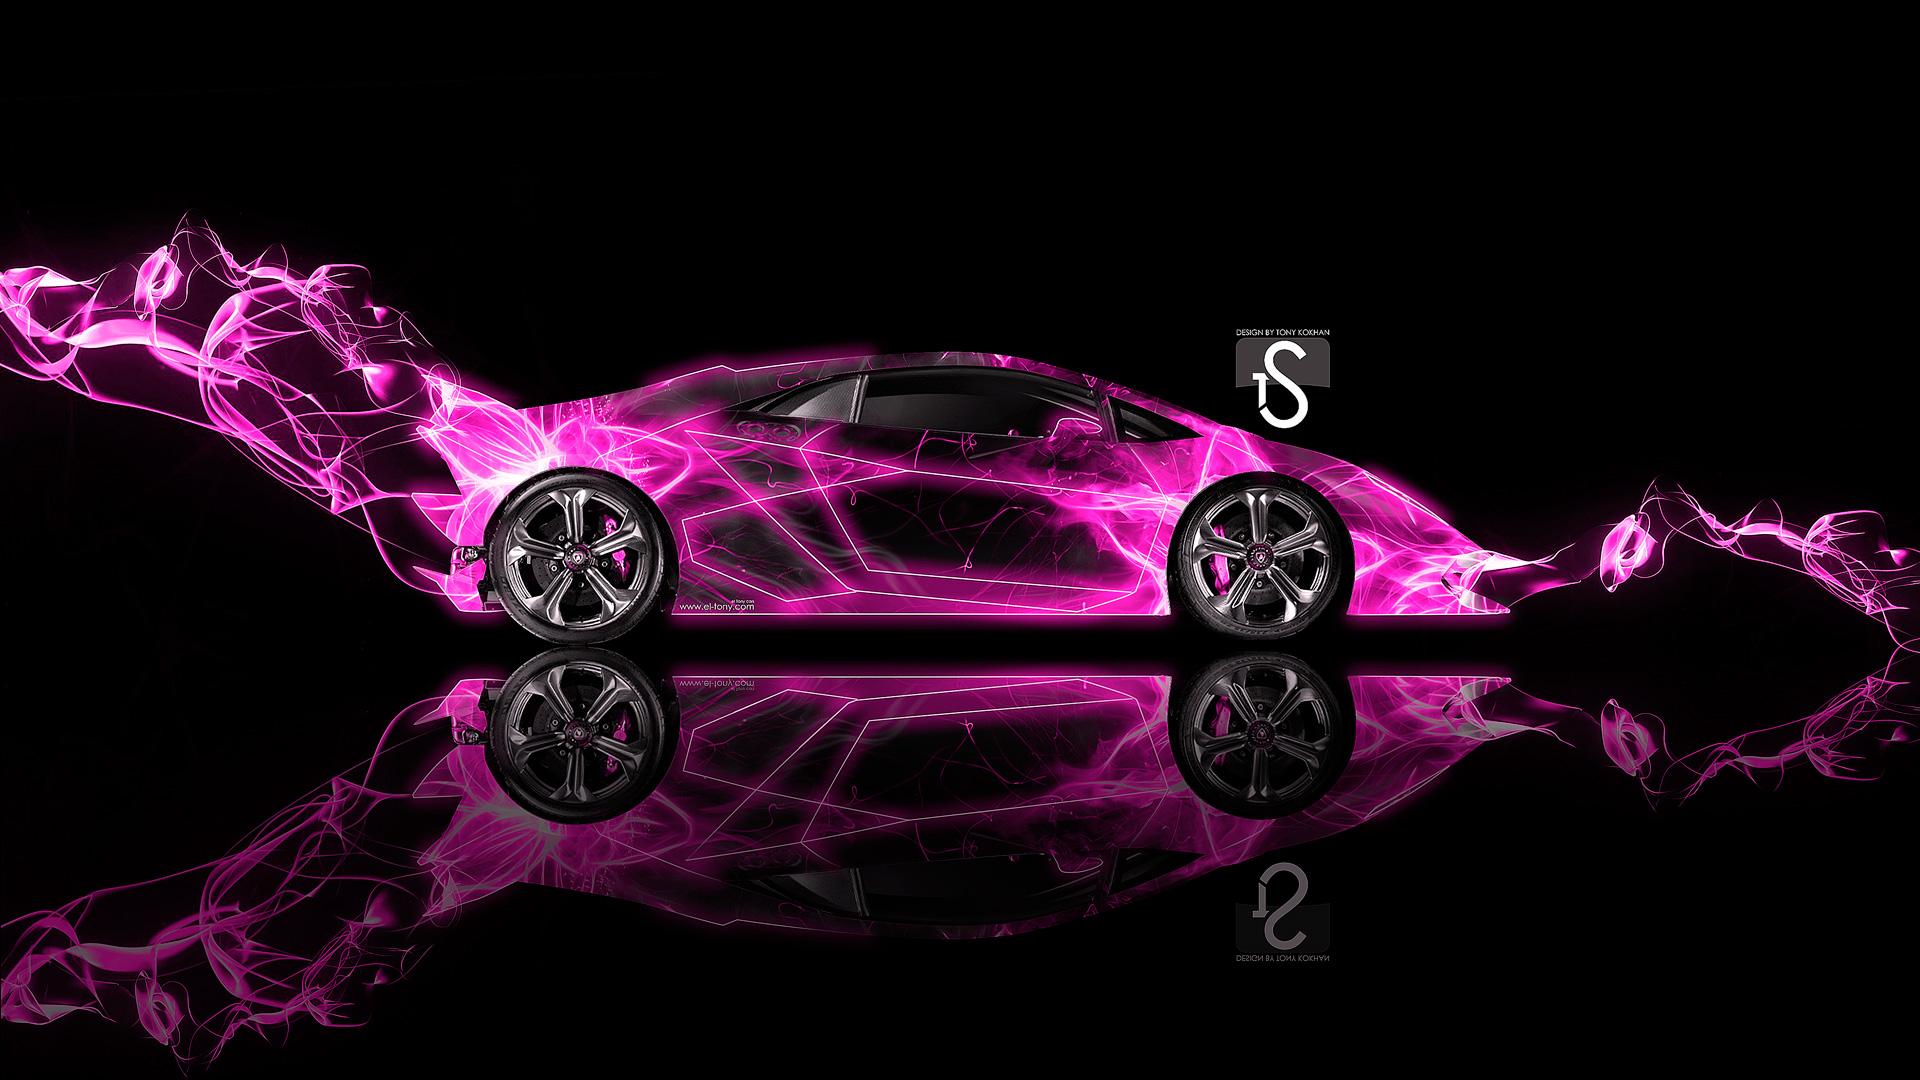 Pink Lamborghini Wallpaper Wallpapersafari